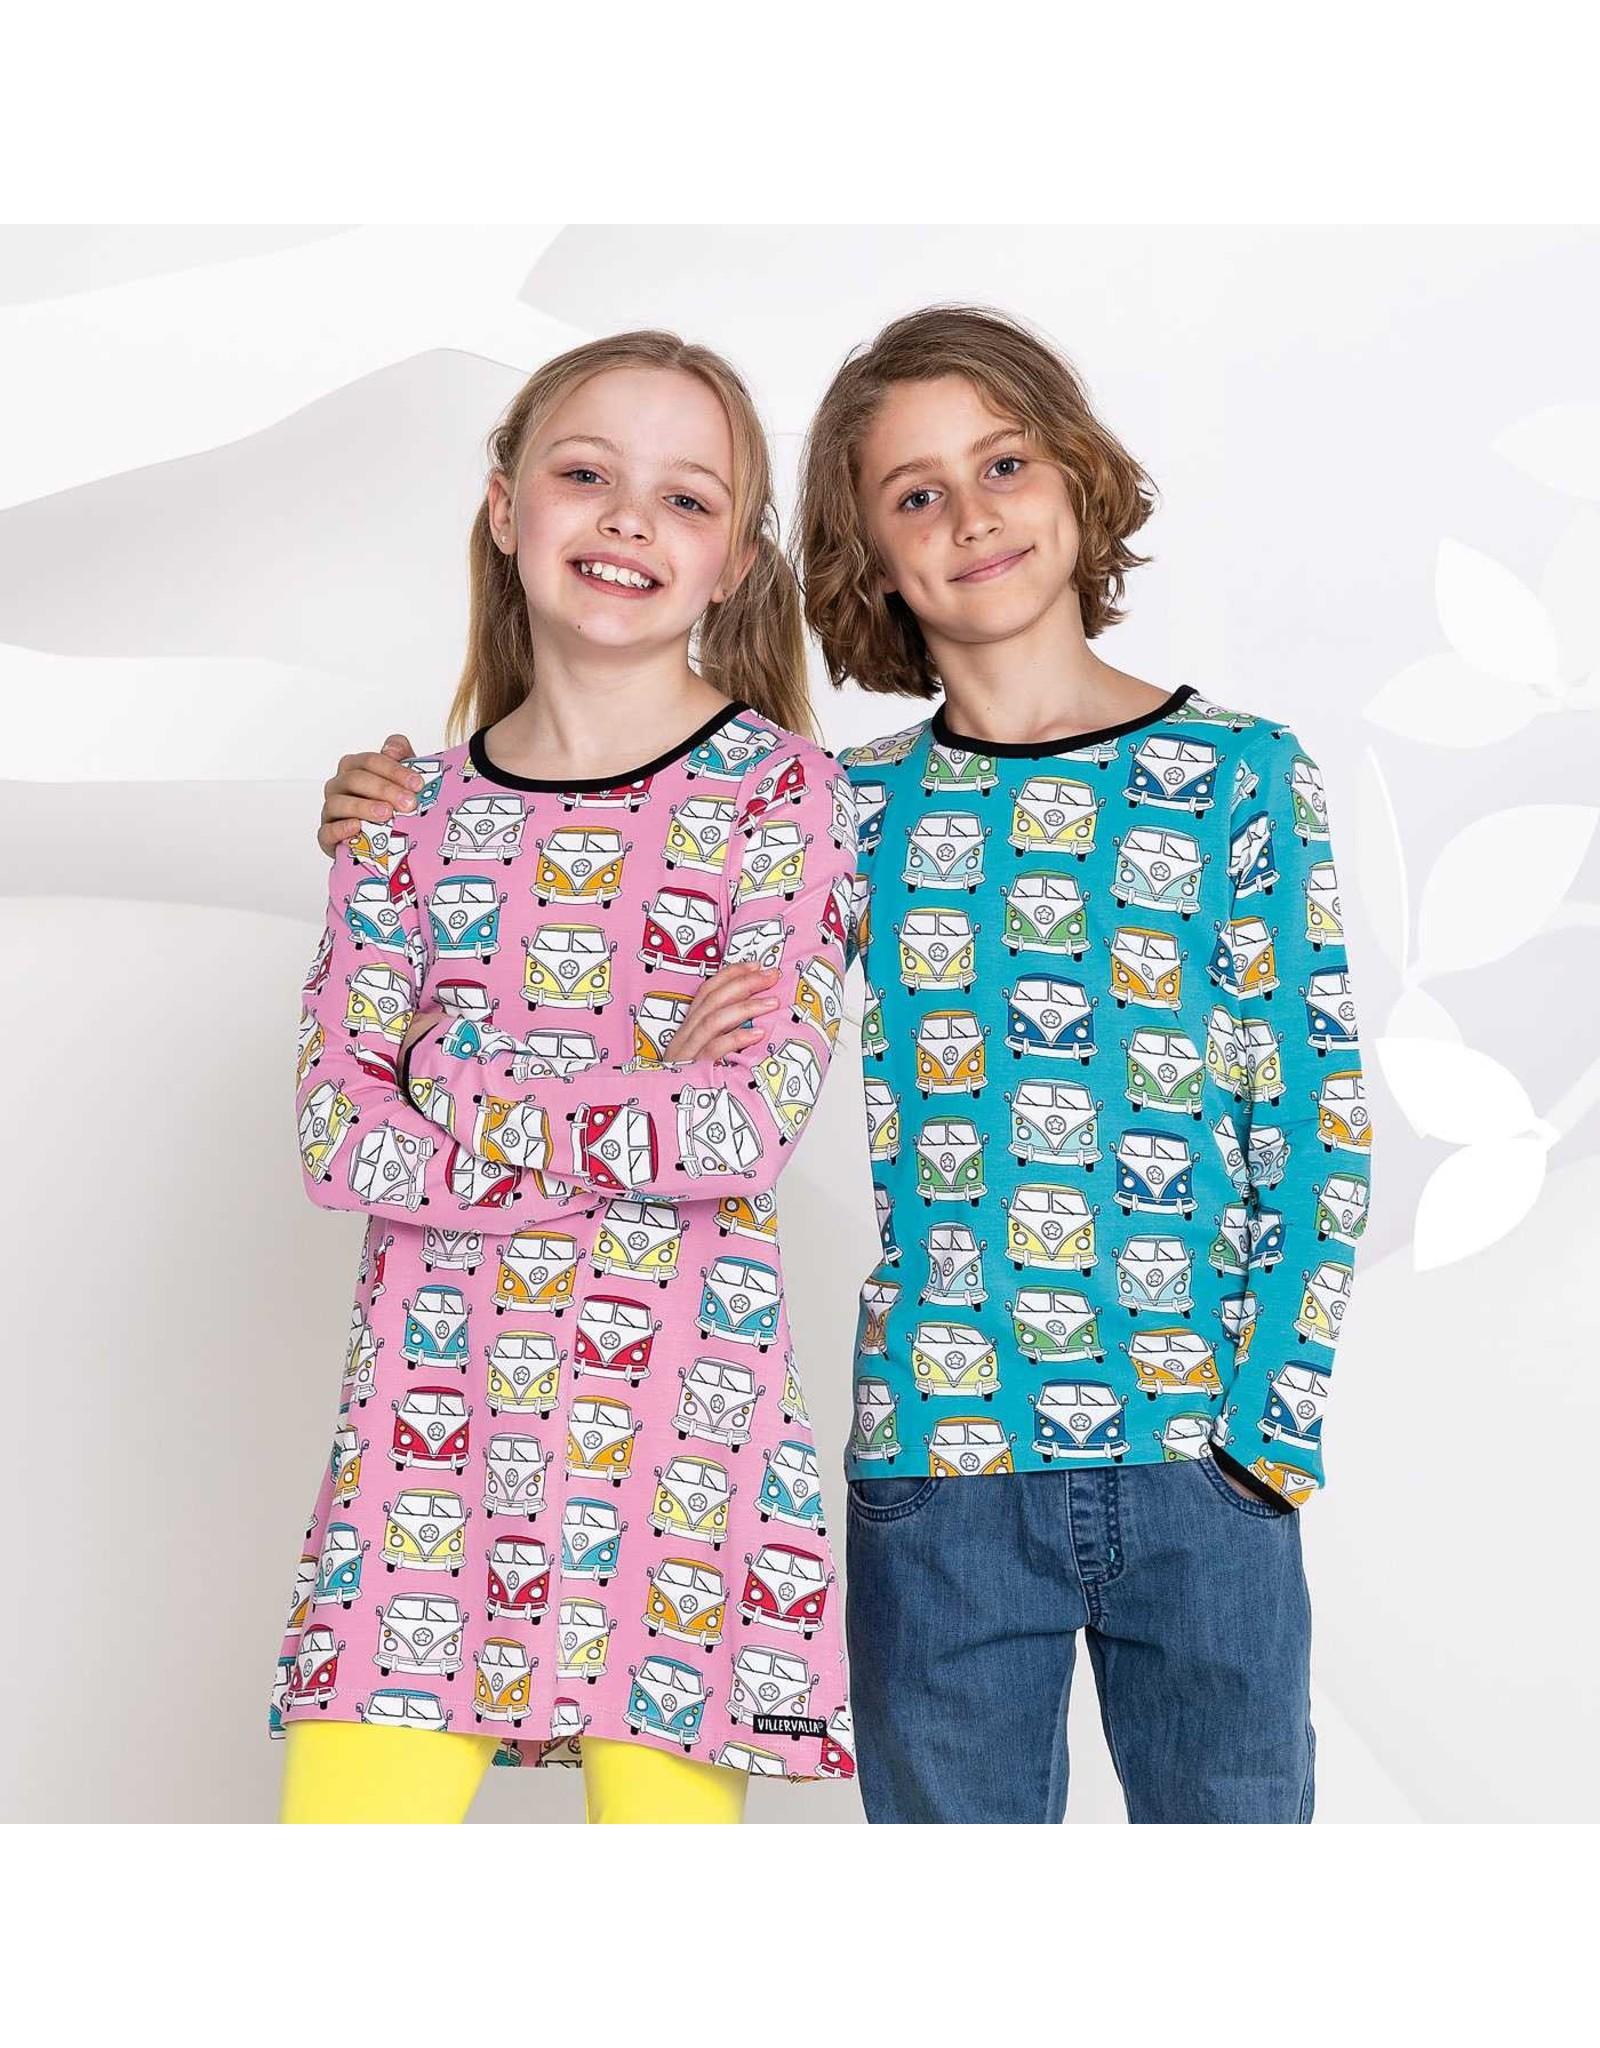 Villervalla T-shirt Met Retro Busjes Print (2 Kleuren)